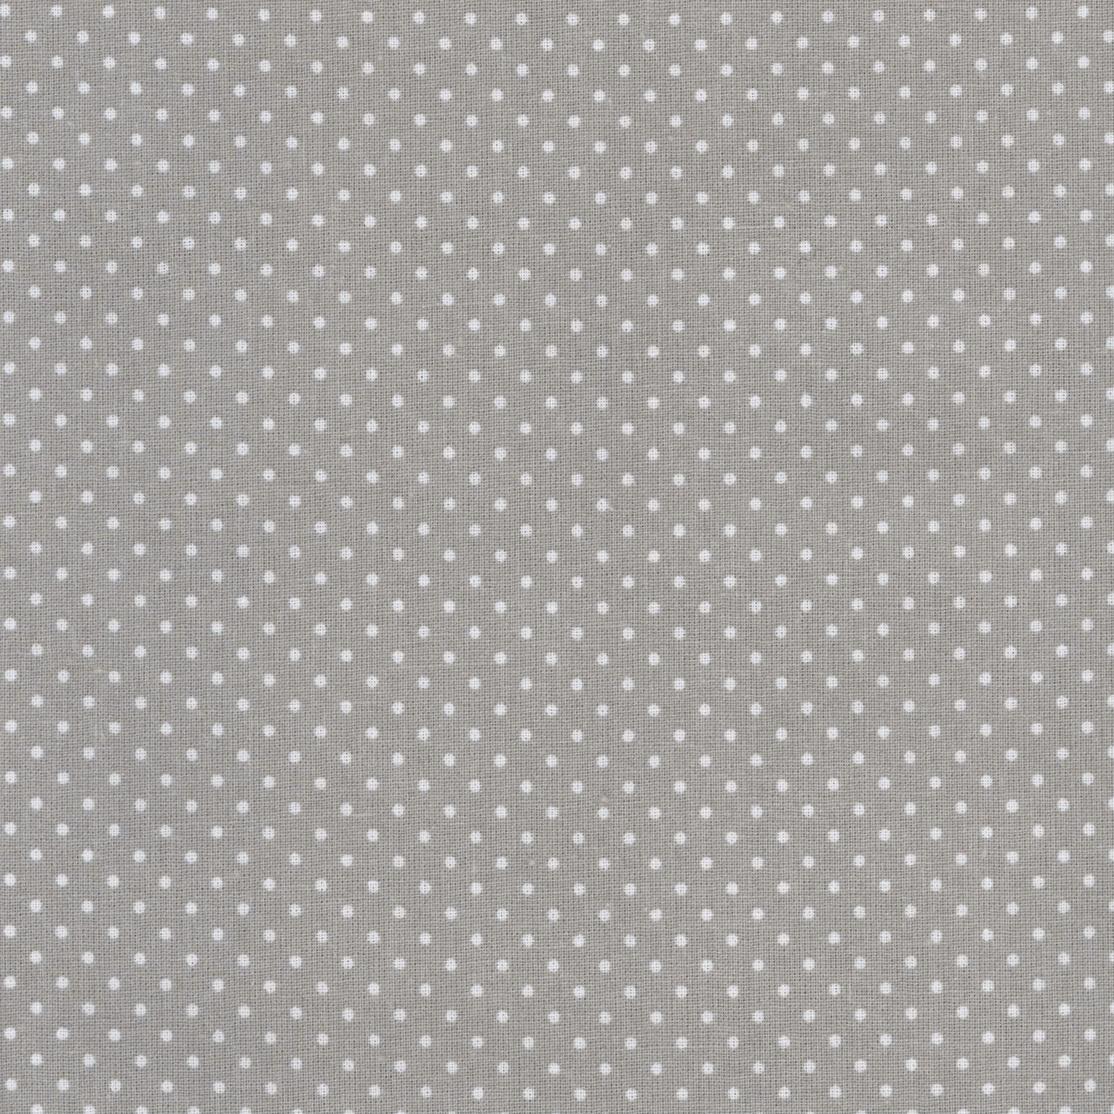 Wachstuch - Oilcloth Dots grey von Au Maison